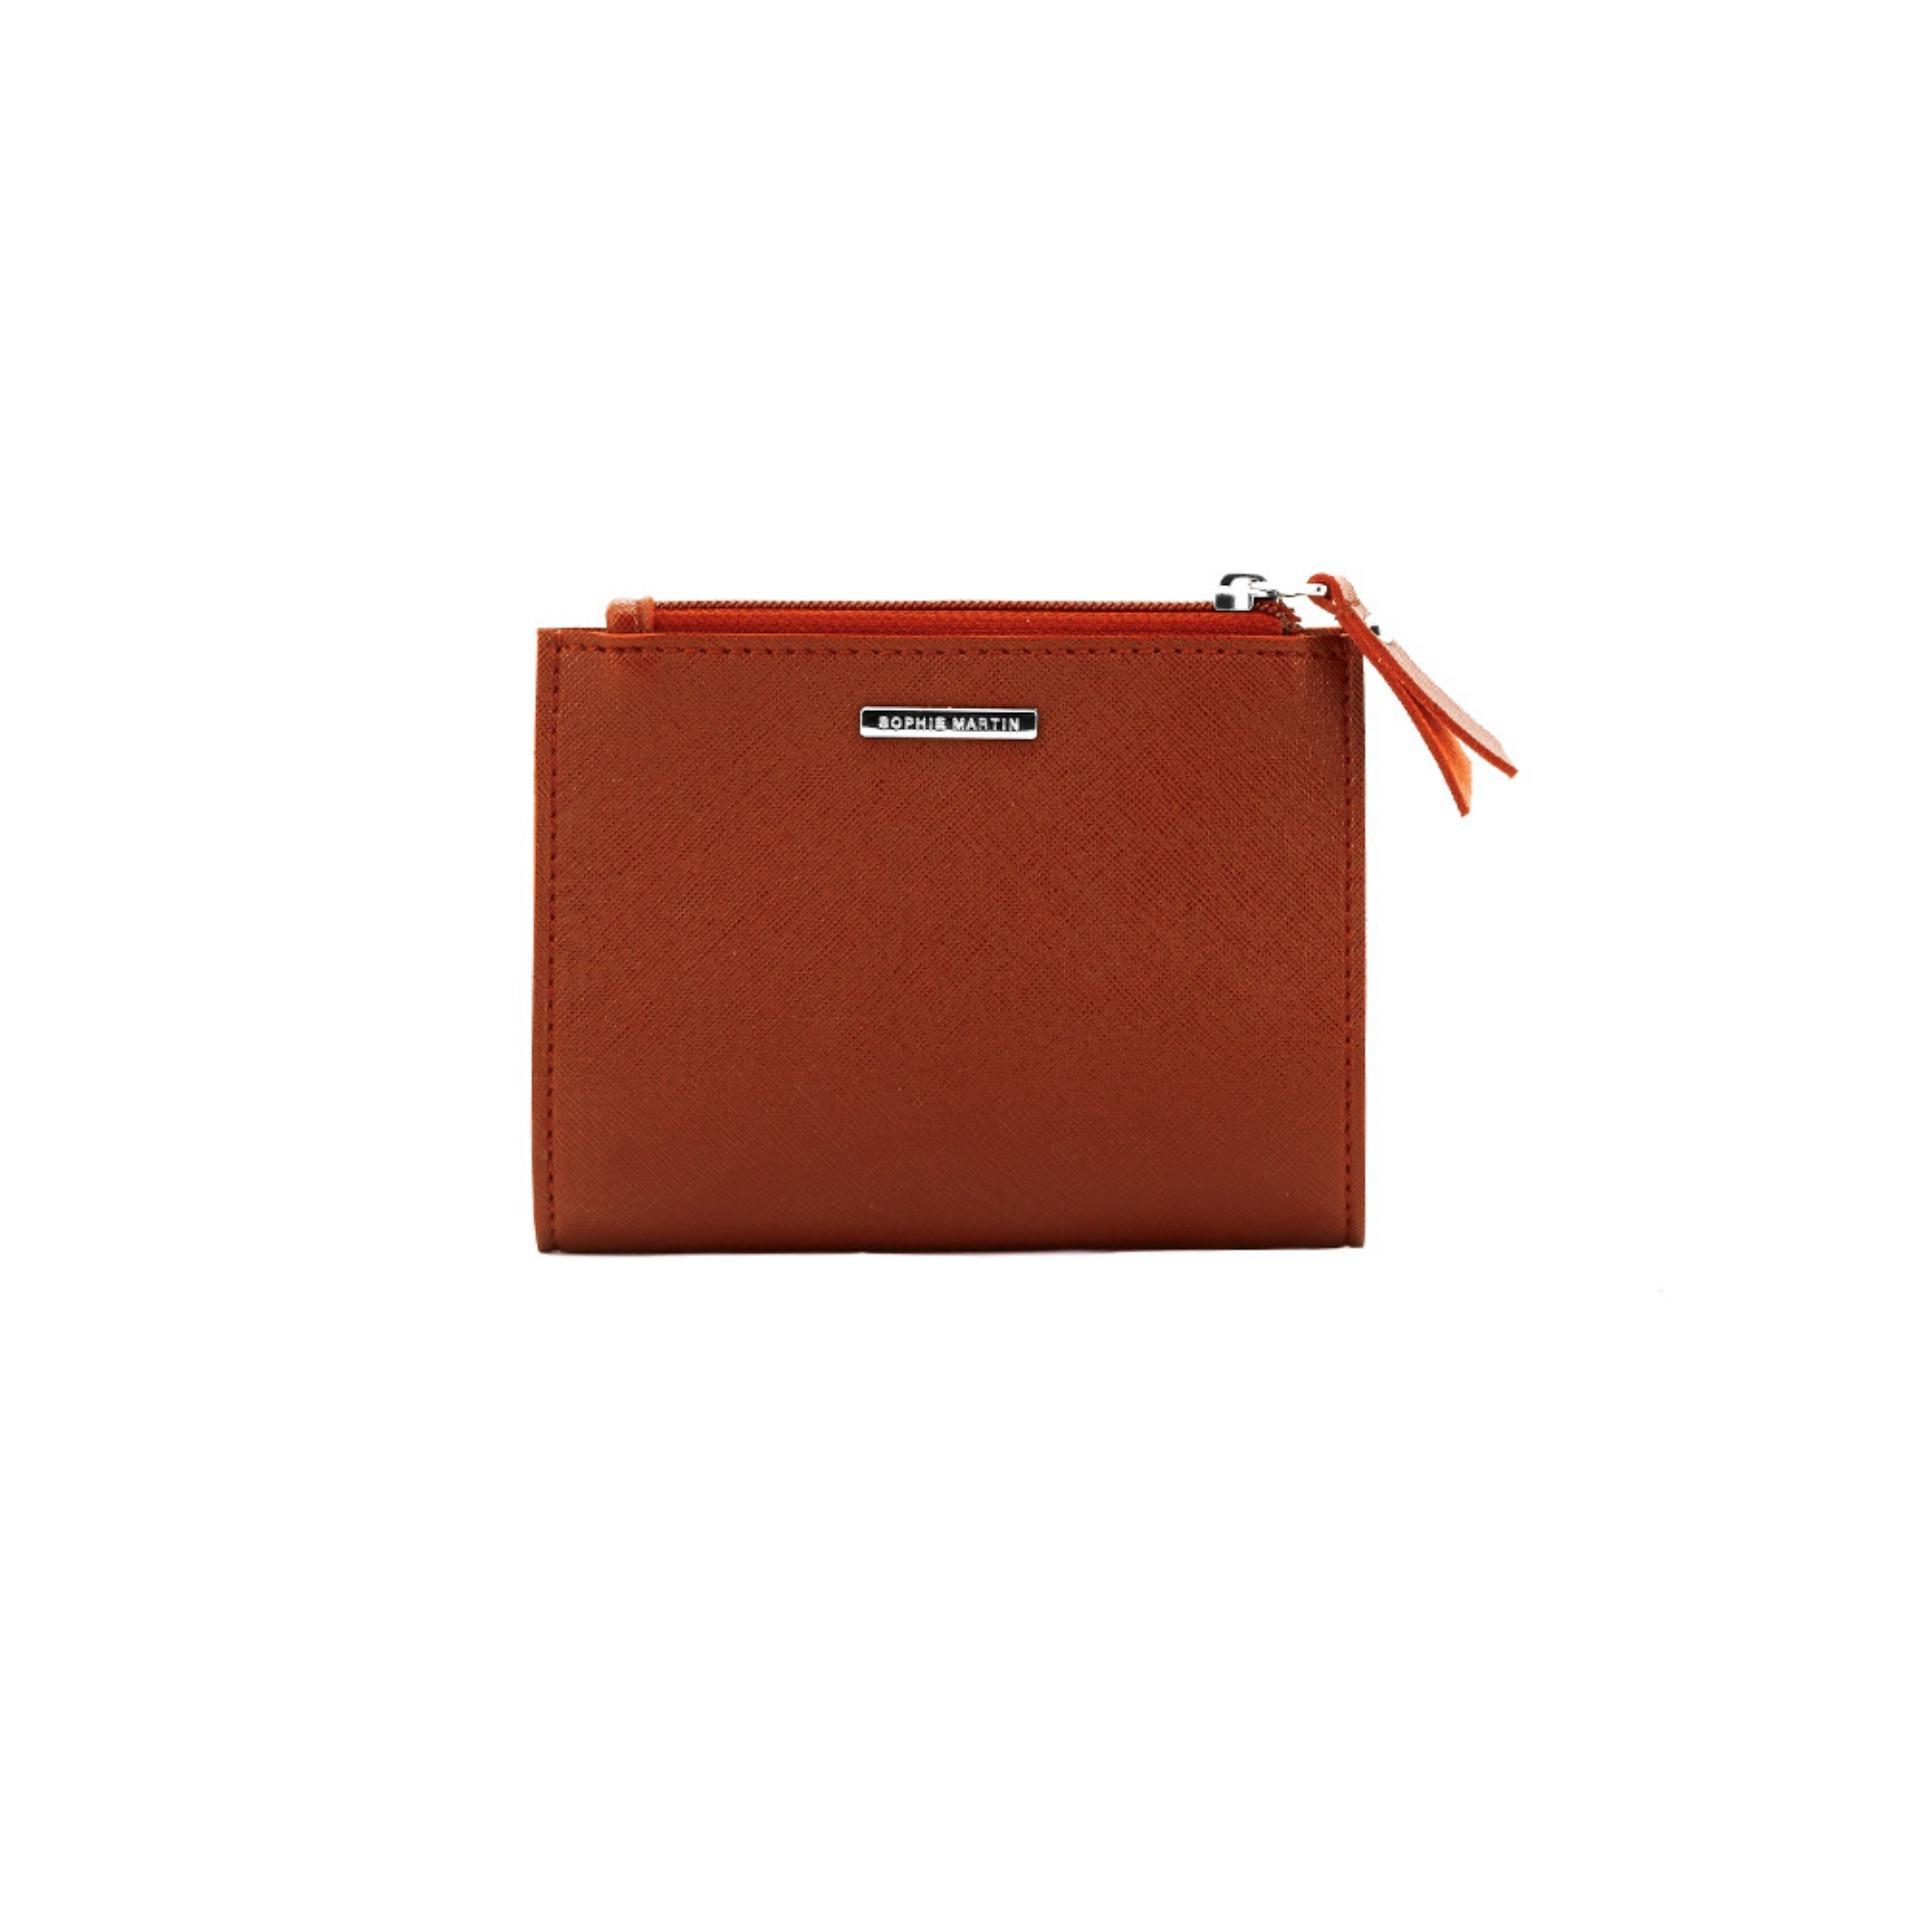 Sophie Paris Dompet Branded Wanita Terbaru Veera Wallet W1504M2 - Maroon